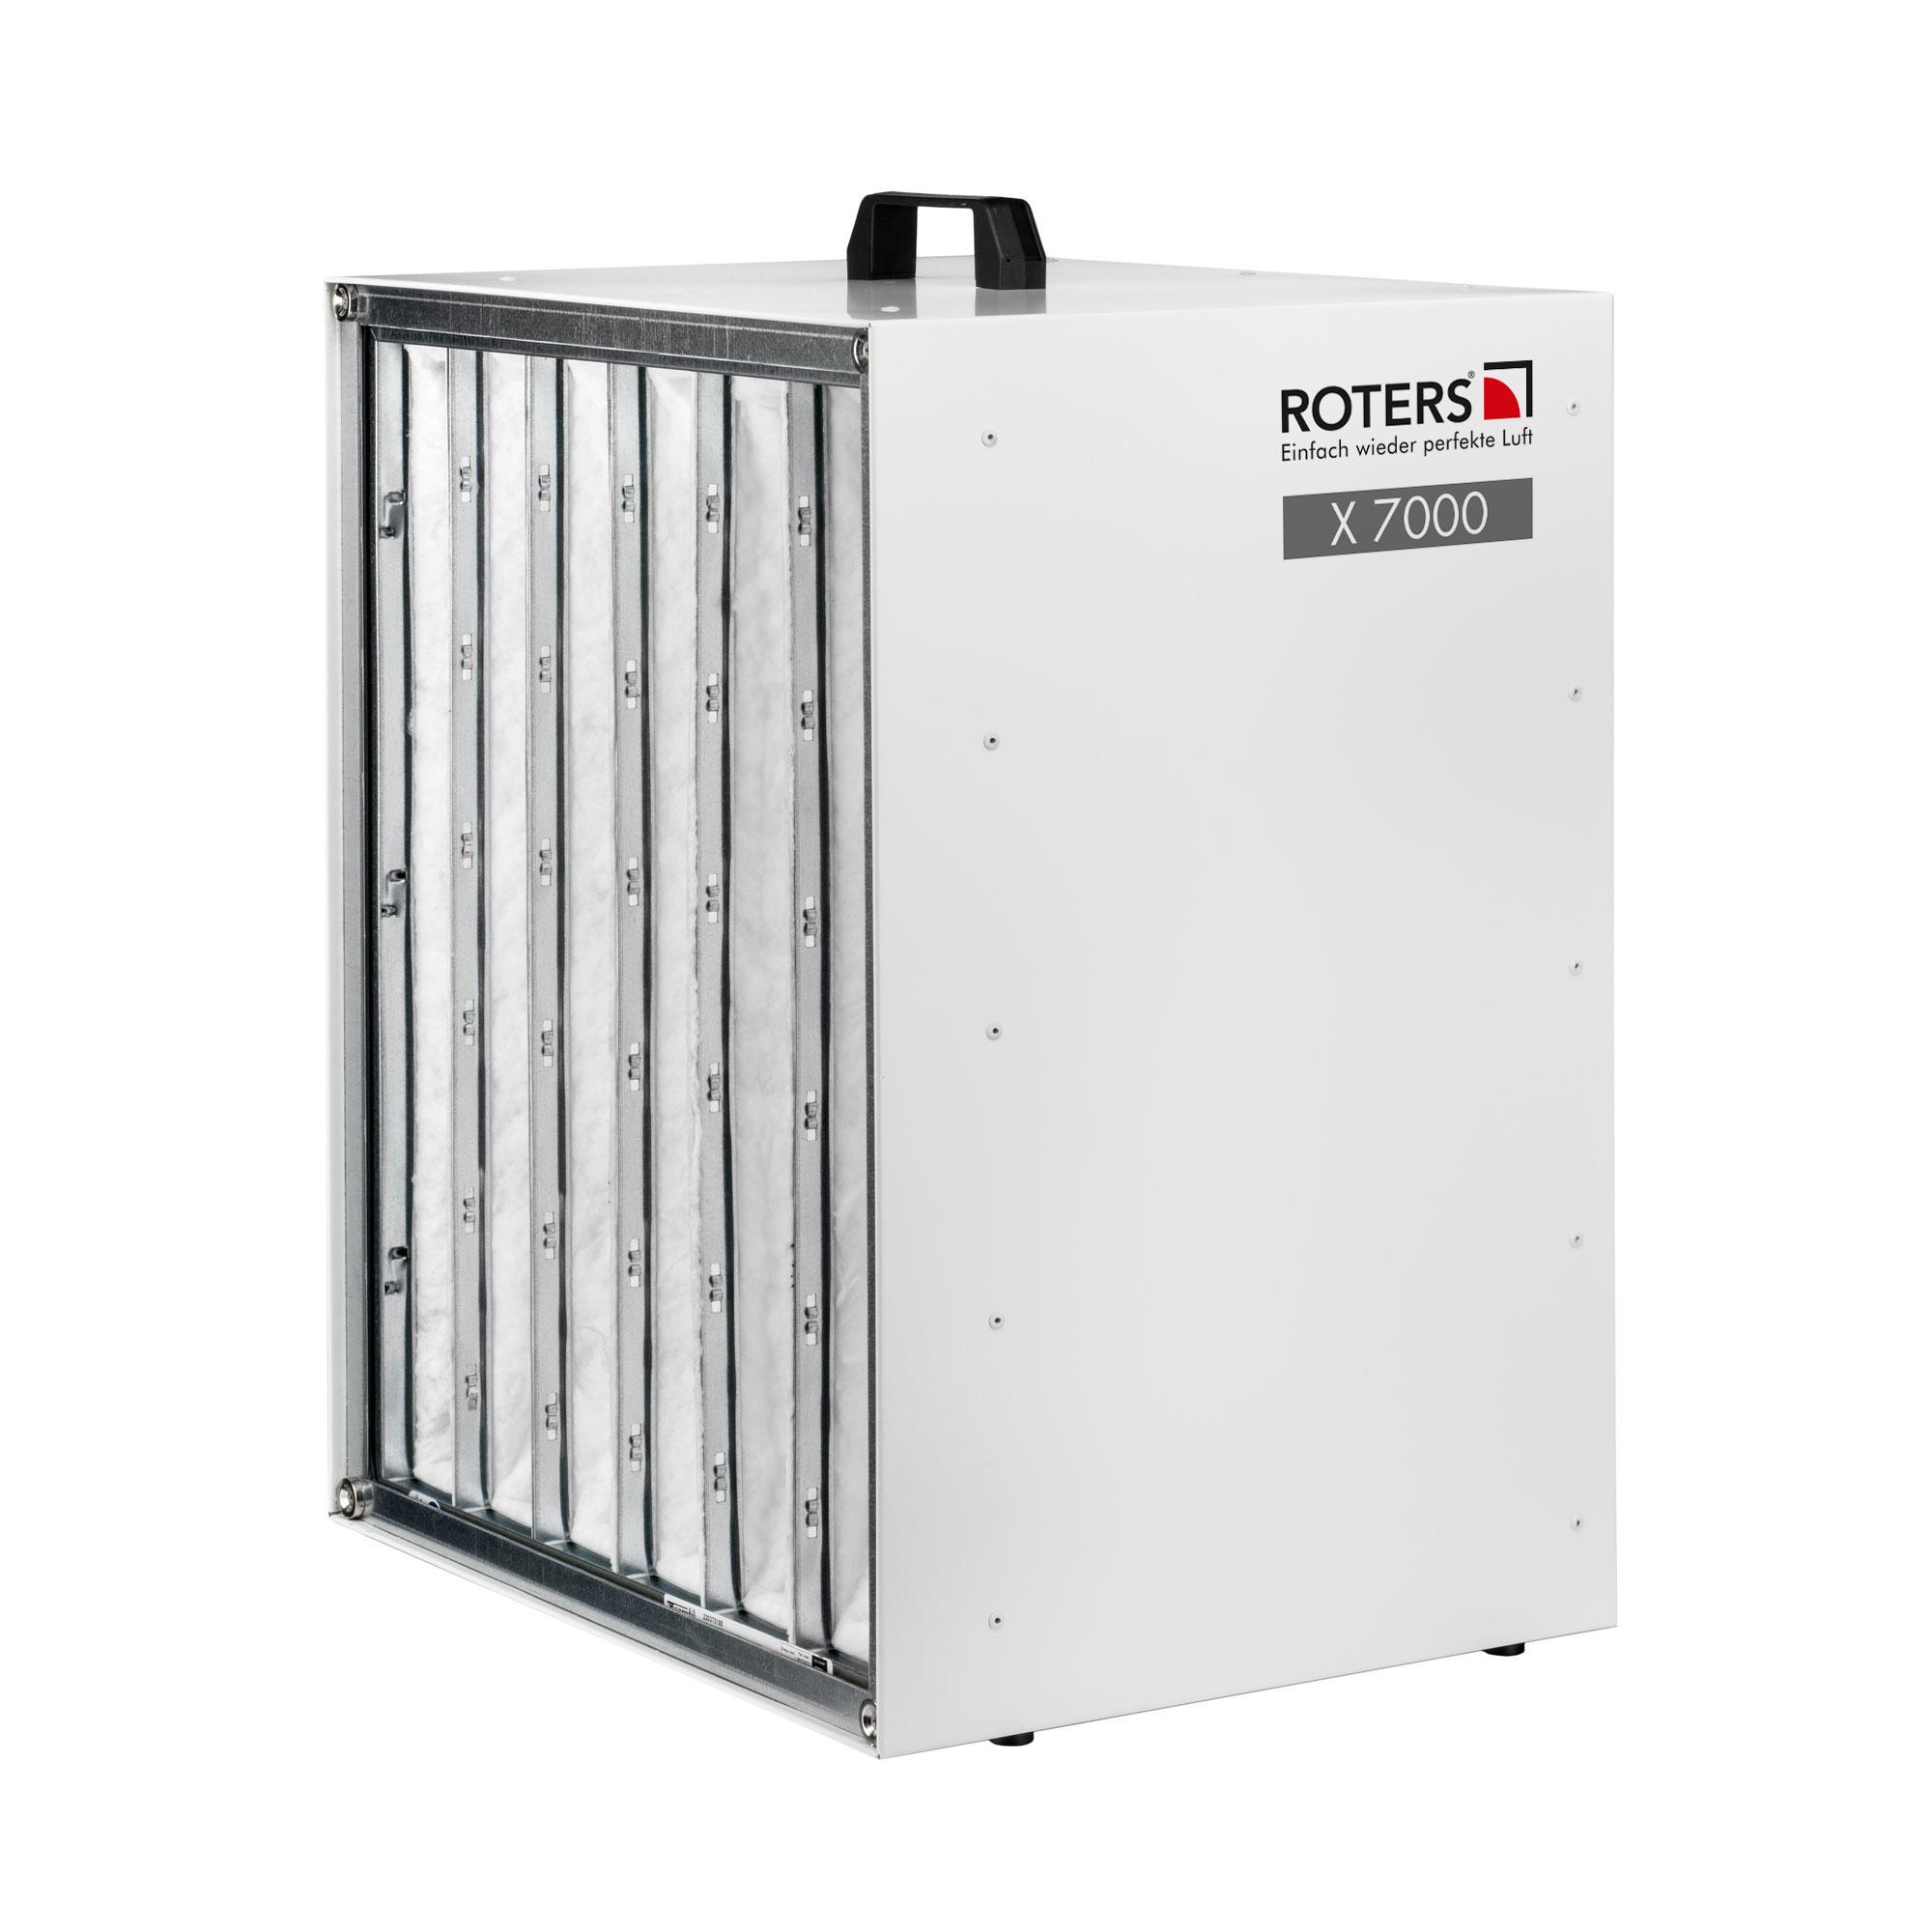 Roters - Staubfilterbox X 7000 - Box zur Filterung der Luft von Stäuben - Bild 01